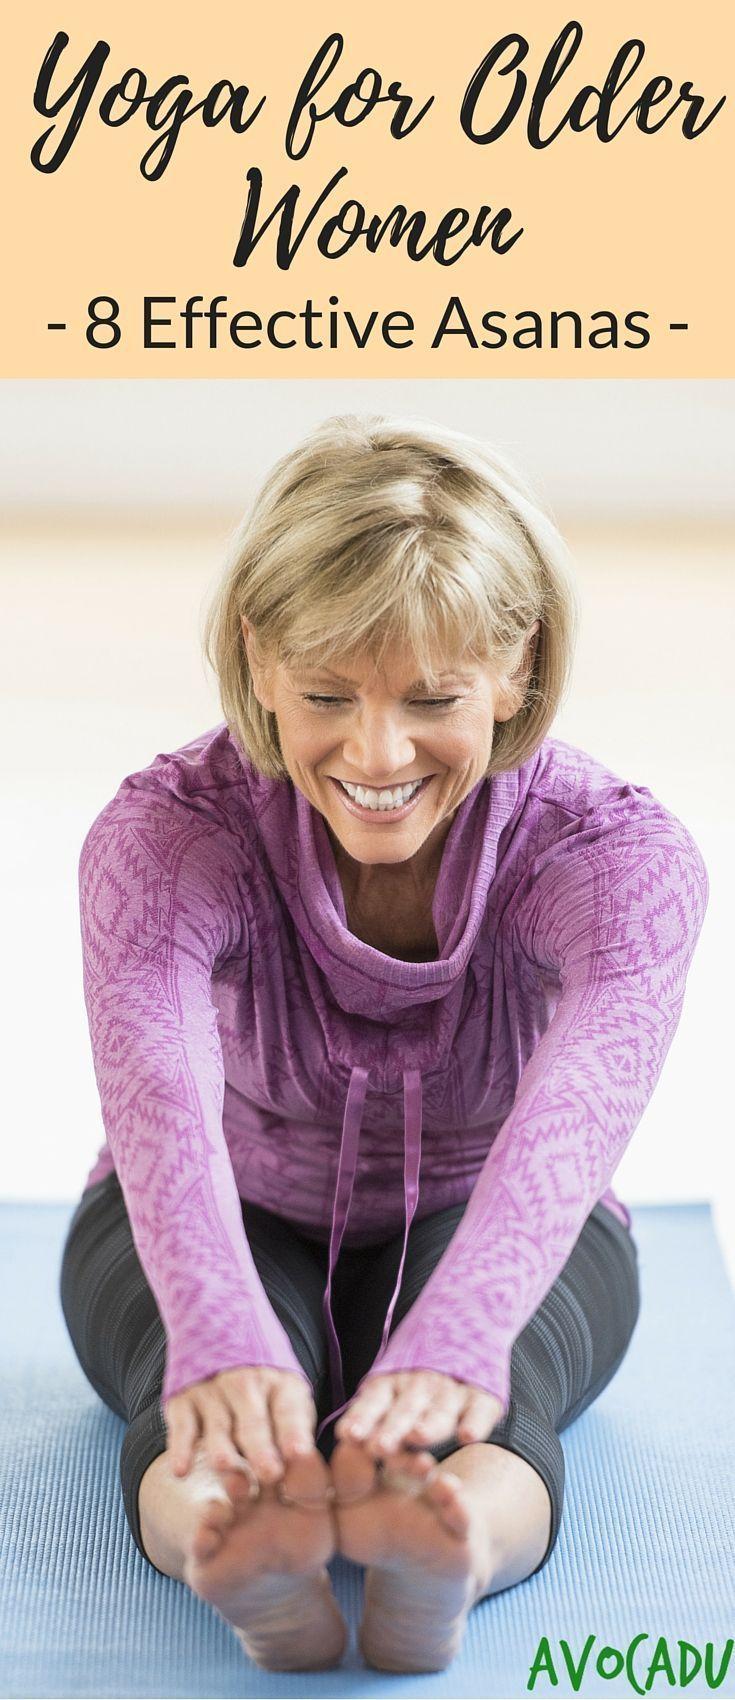 Yoga Poses for Older Women | Yoga for Older Women | Yoga for Beginners |  #yogaf...